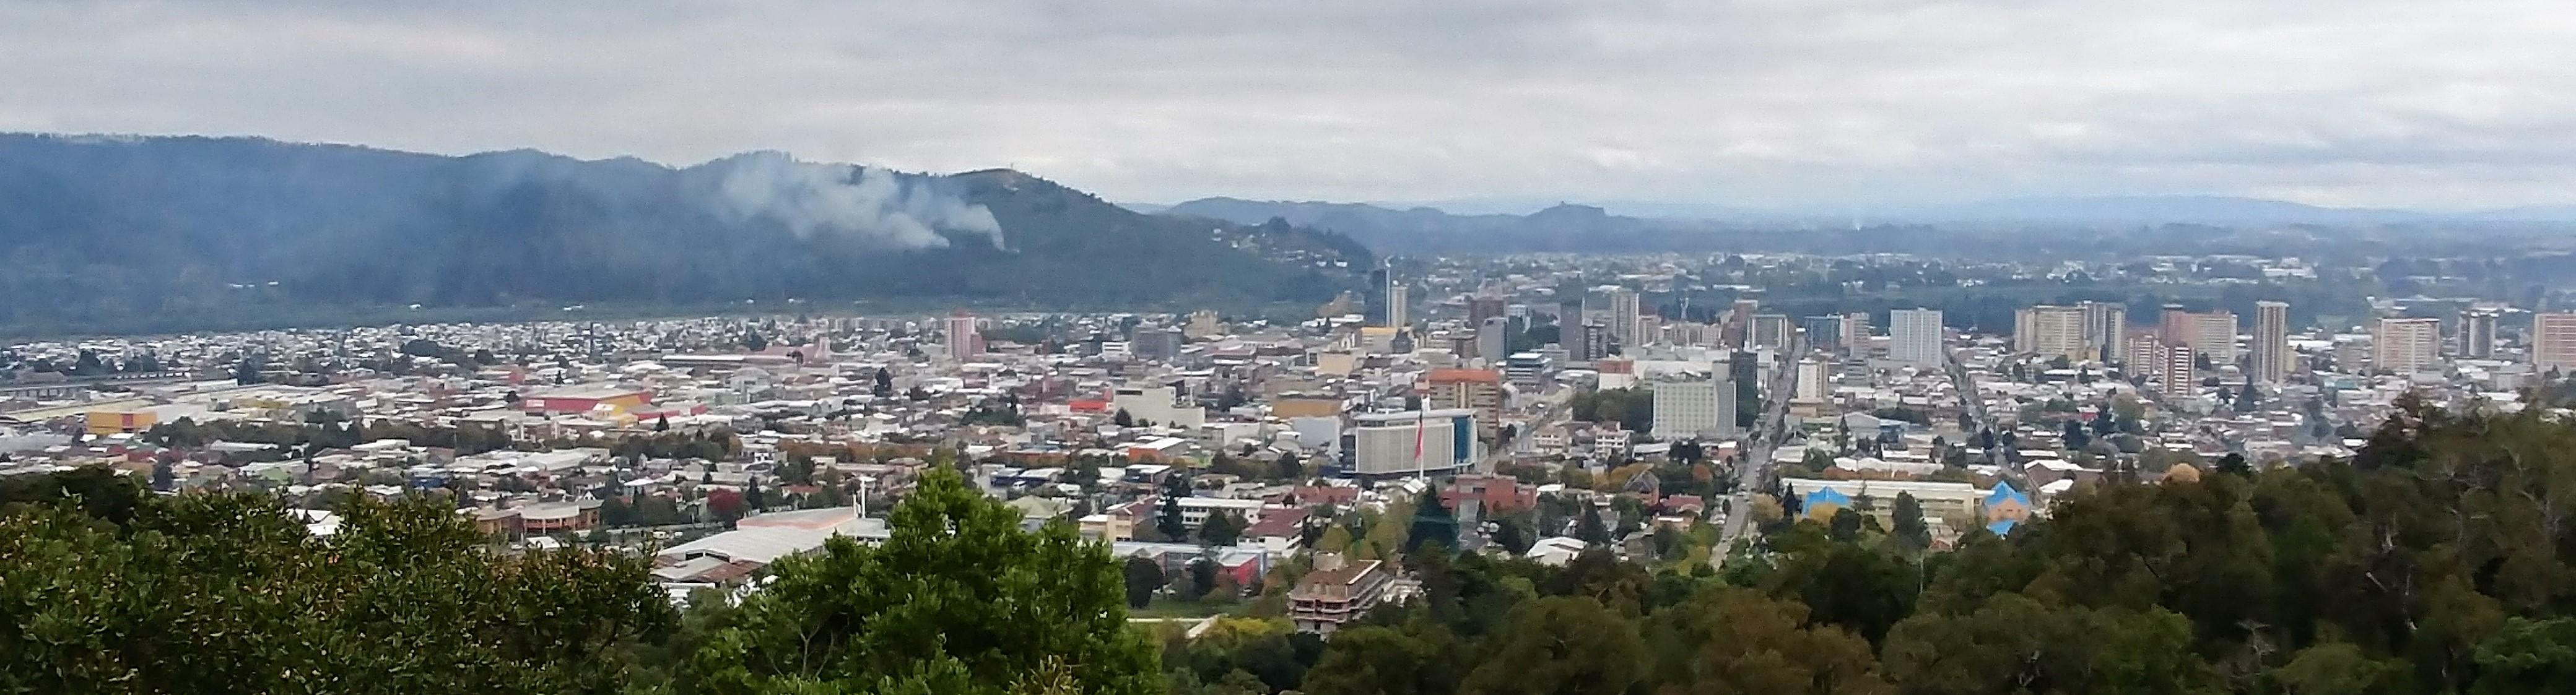 5 lugares que deben visitar en Temuco